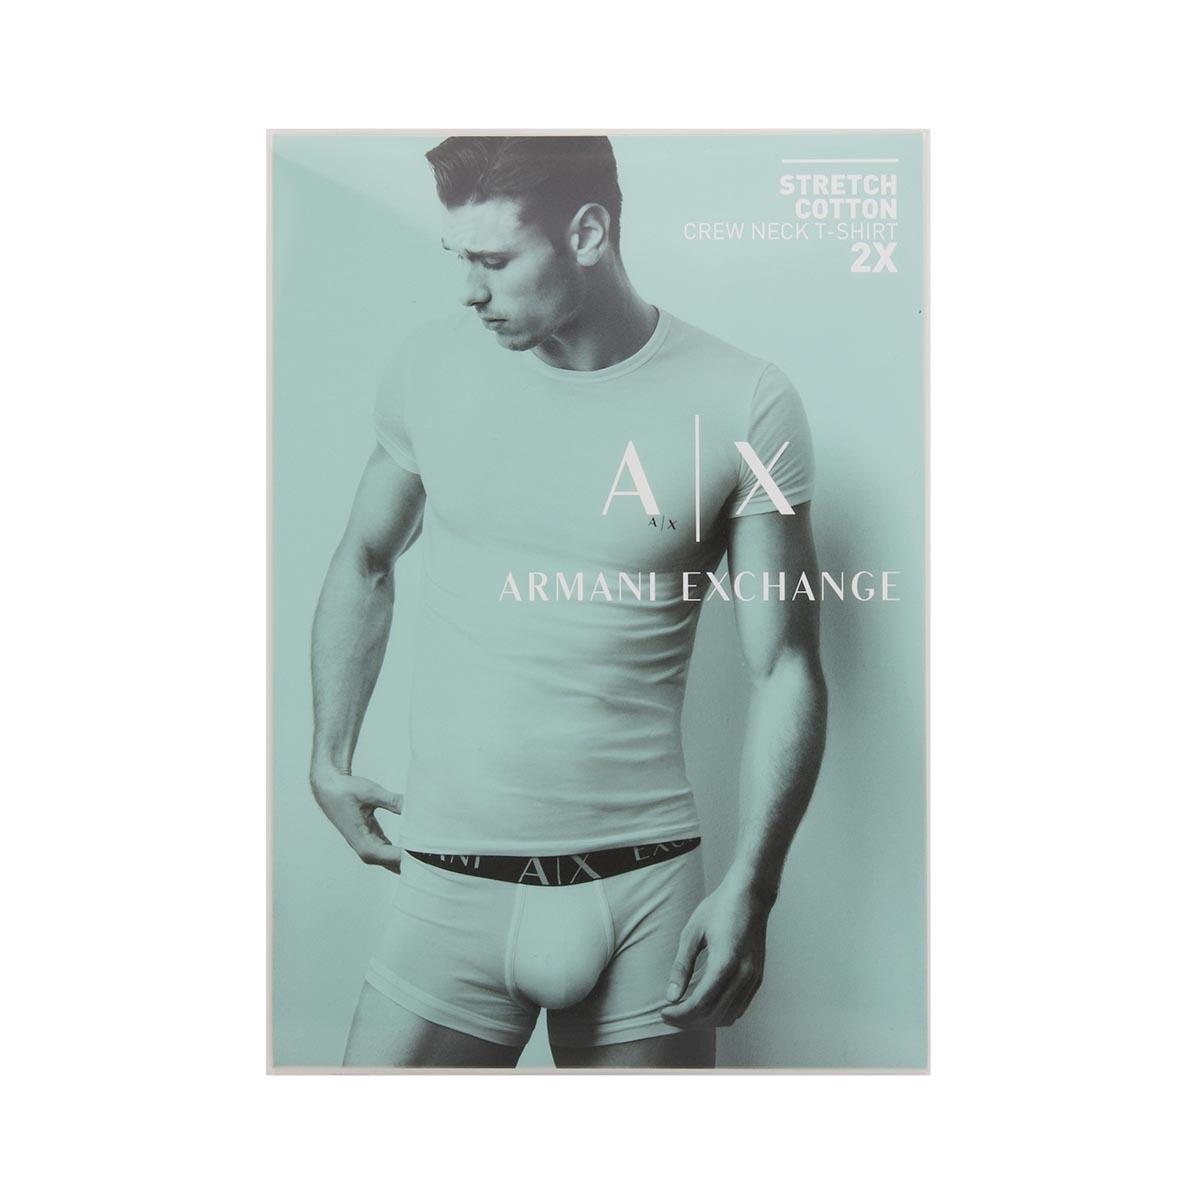 ARMANI EXCHANGE アルマーニエクスチェンジ クルーネック アンダーTシャツ 2枚セット【返品交換不可】 メンズ